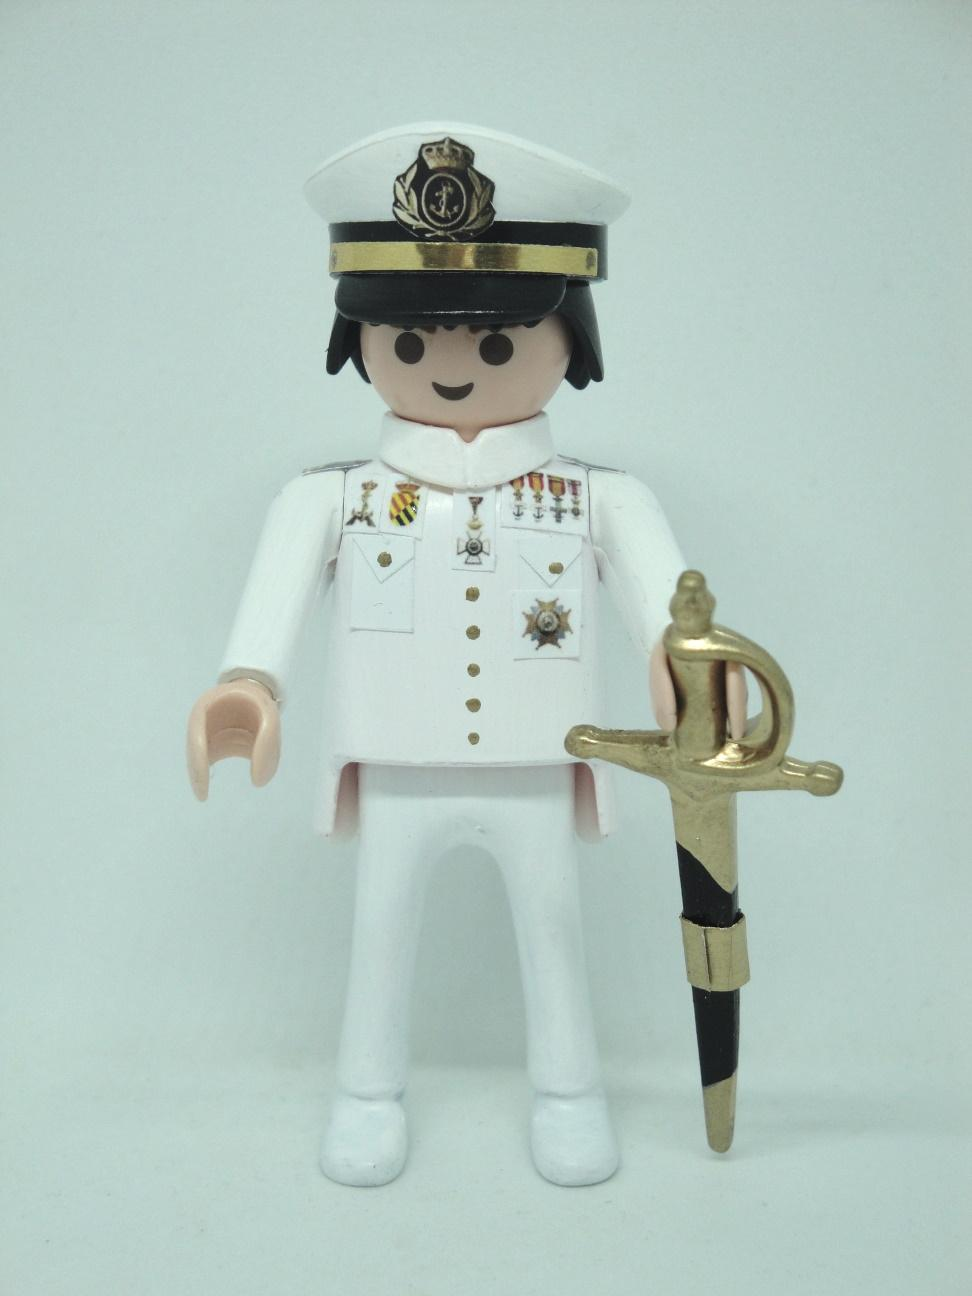 Playmobil personalizado con uniforme de la Armada alférez de marina hombre